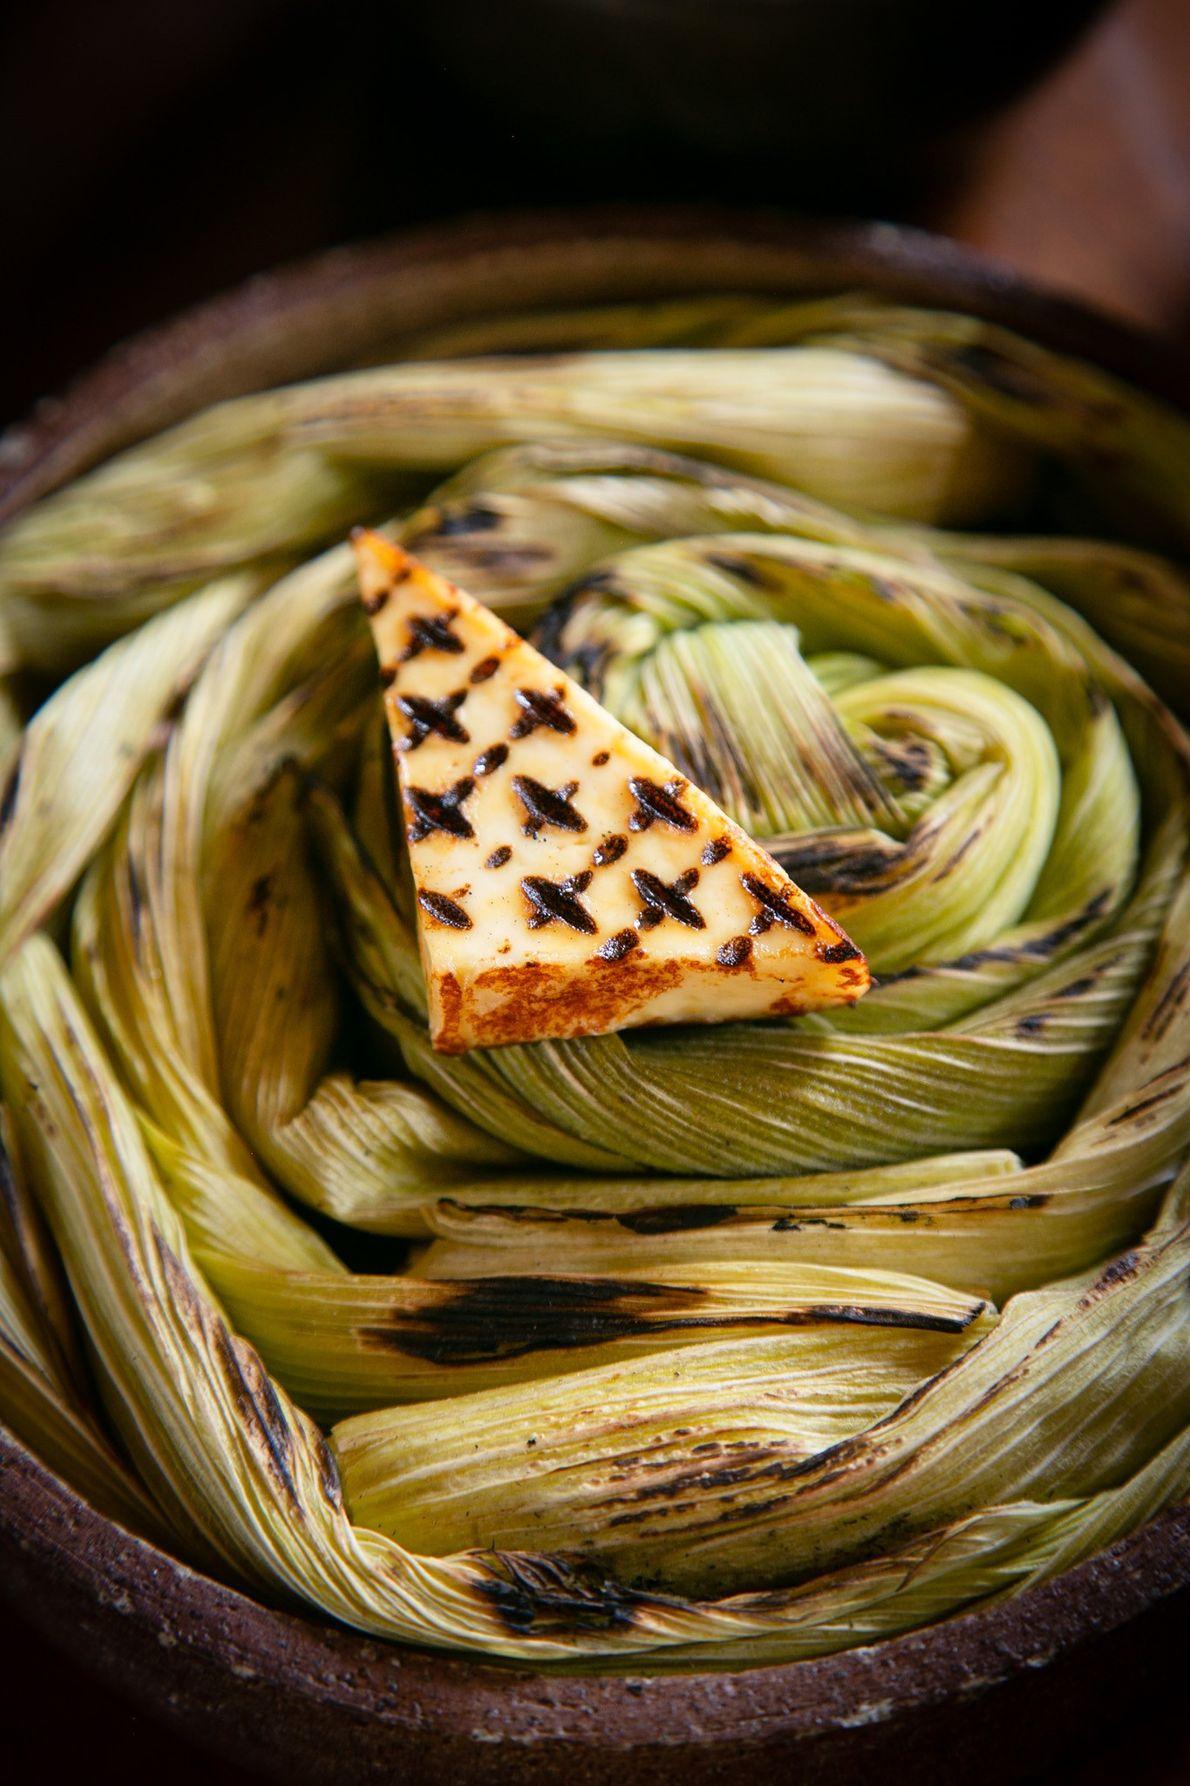 Menu de oito pratos do Mil oferece pedaço de queijo frito.